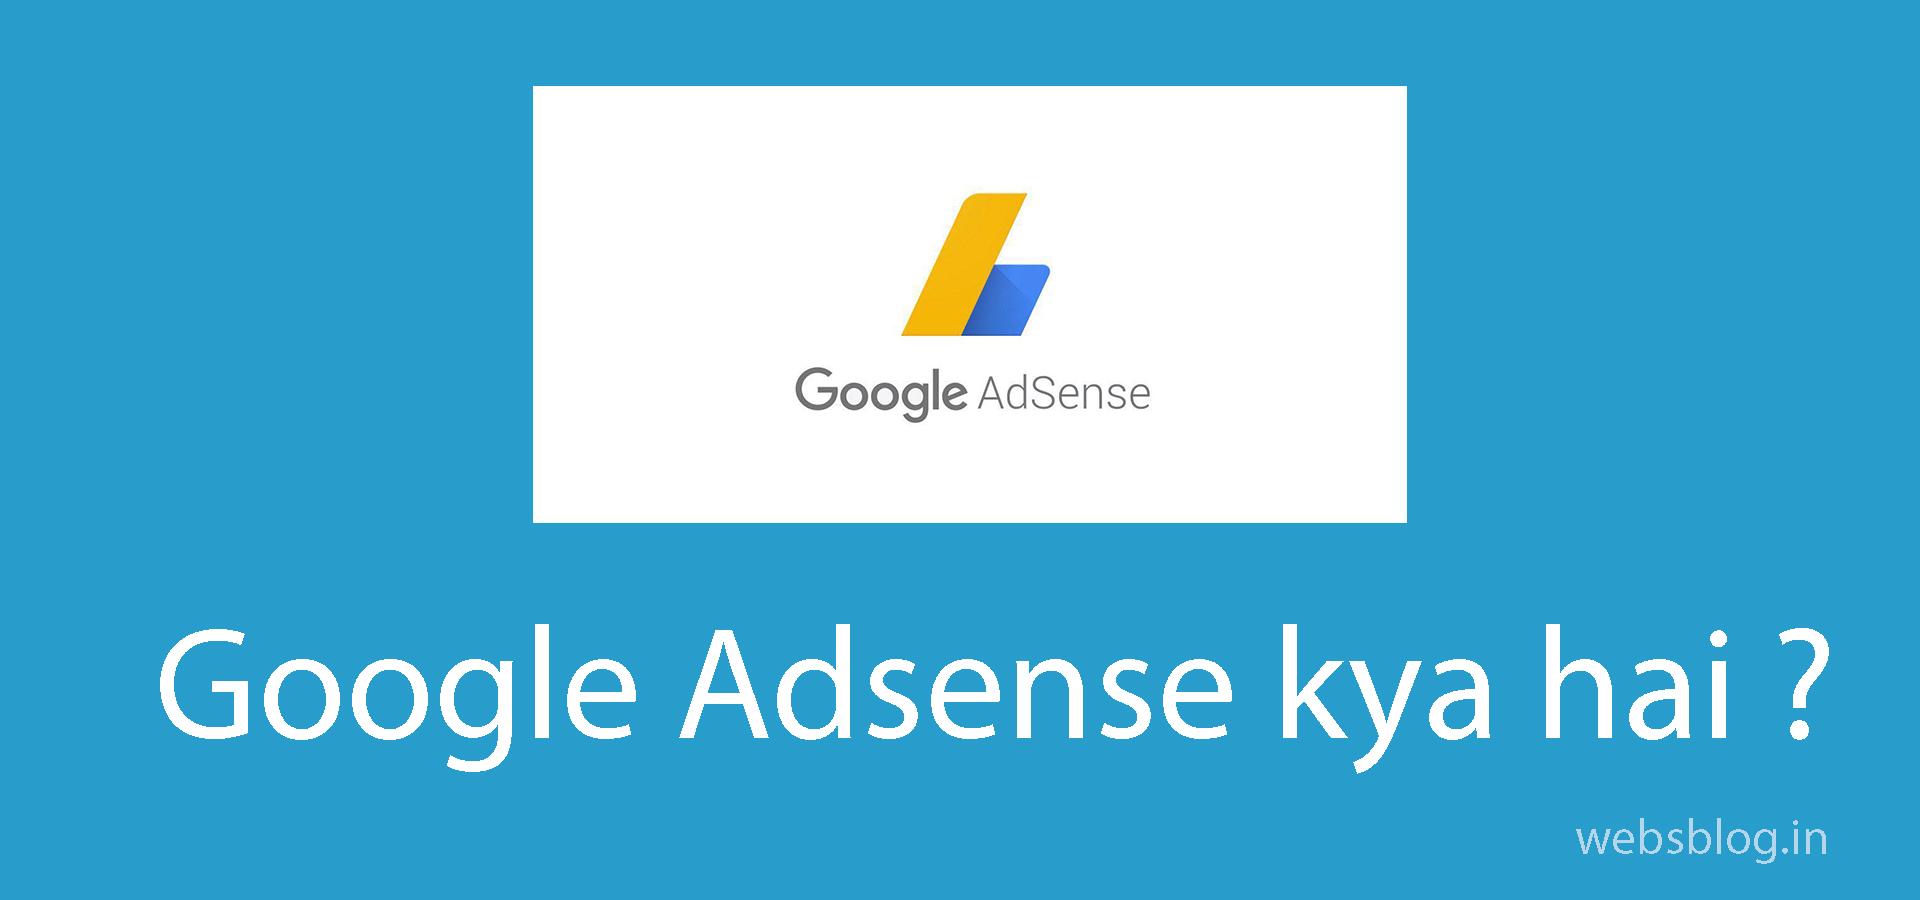 Google Adsence Kya Hai?